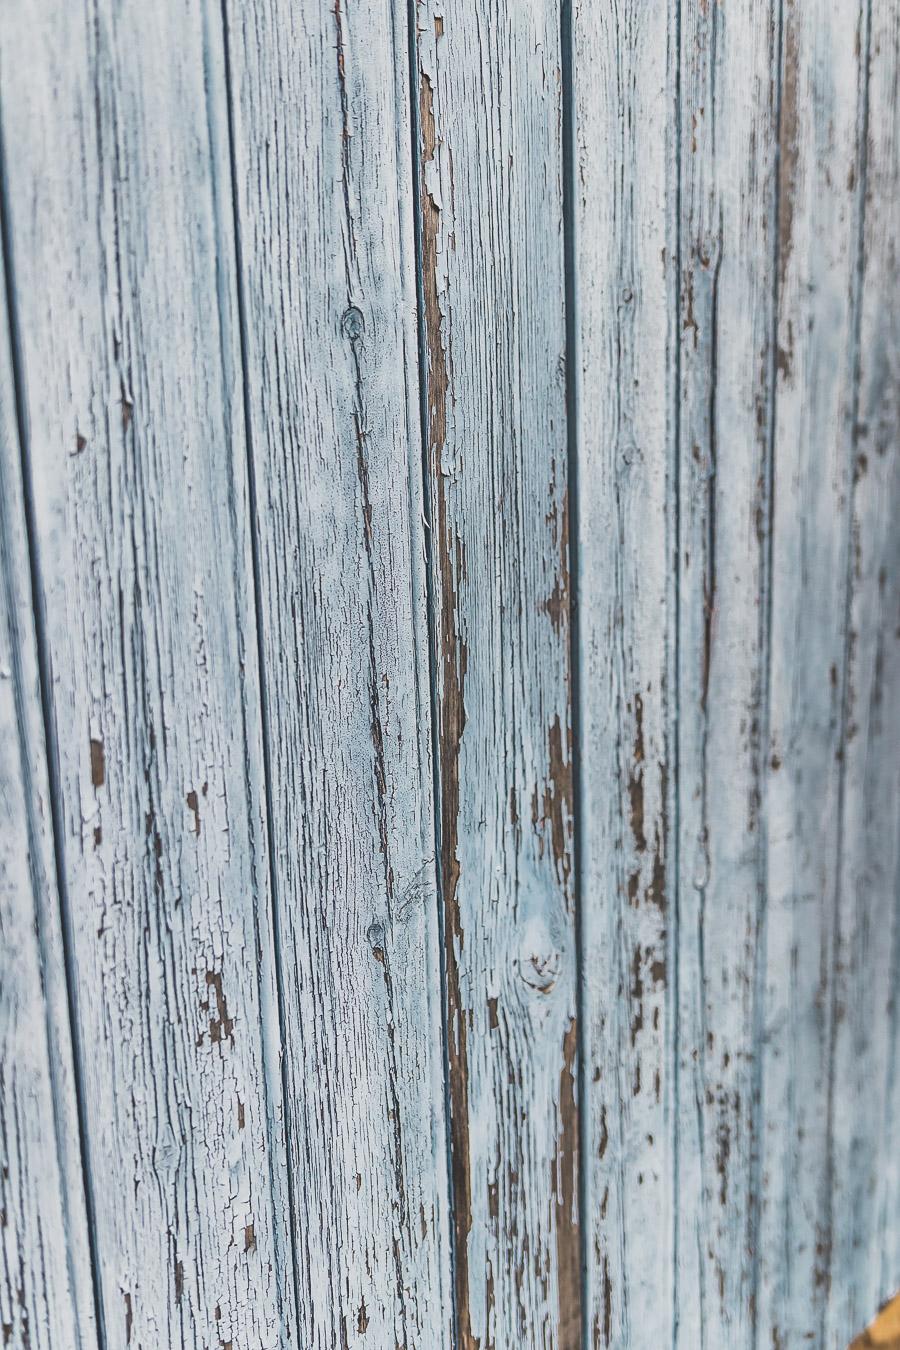 Vous vous demandez que faire dans le Vaucluse ? Faites un road trip en van et suivez le guide ! Vacances en France / Vacances plage / France paysage / Voyage en France / Voyage nature / Voyage en France / Destinations de voyages / Road trip France / Plus beaux villages de France / paysage / Vaucluse tourisme / Vaucluse france / Luberon provence / luberon visite / luberon france / provence france / provence alpes côte d'azur / alpes francaises / mont ventoux provence france / van aménagé